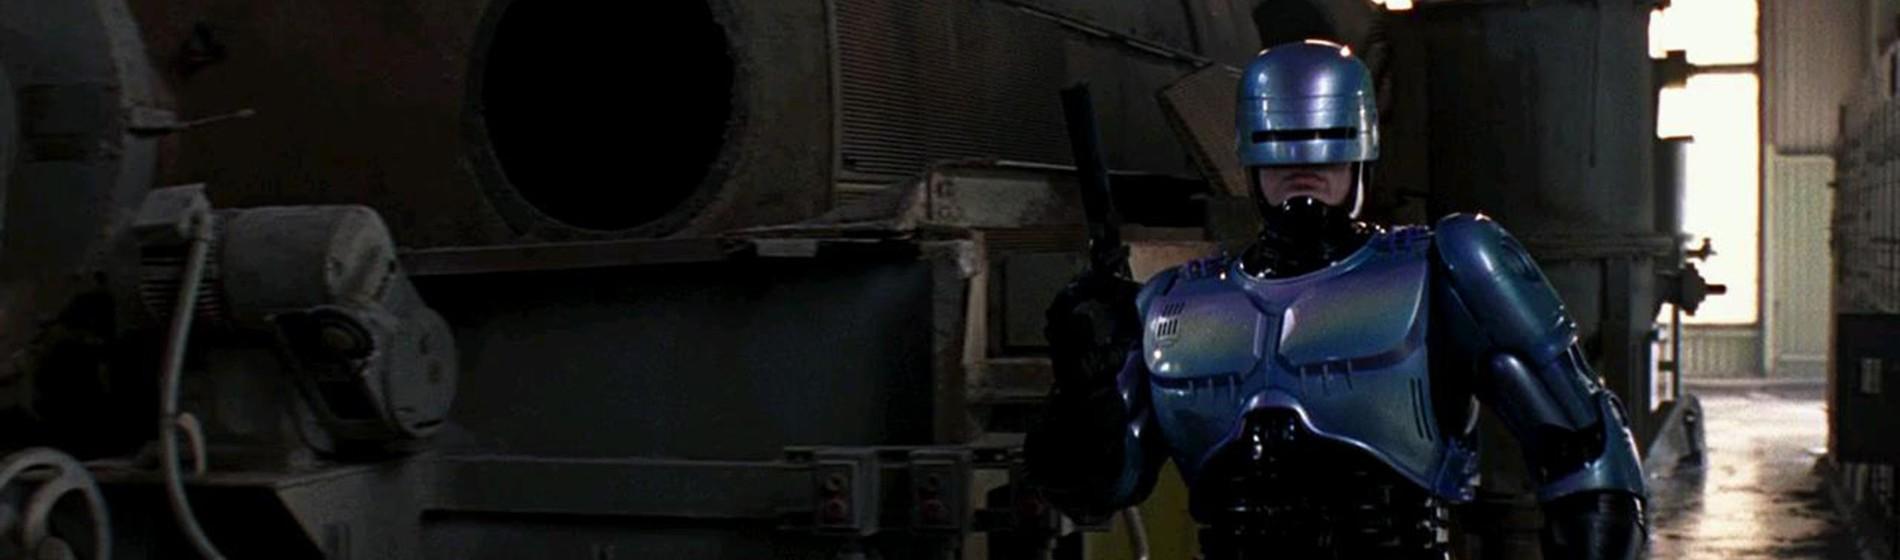 Robocop 2 Collectors Edition Blu-ray